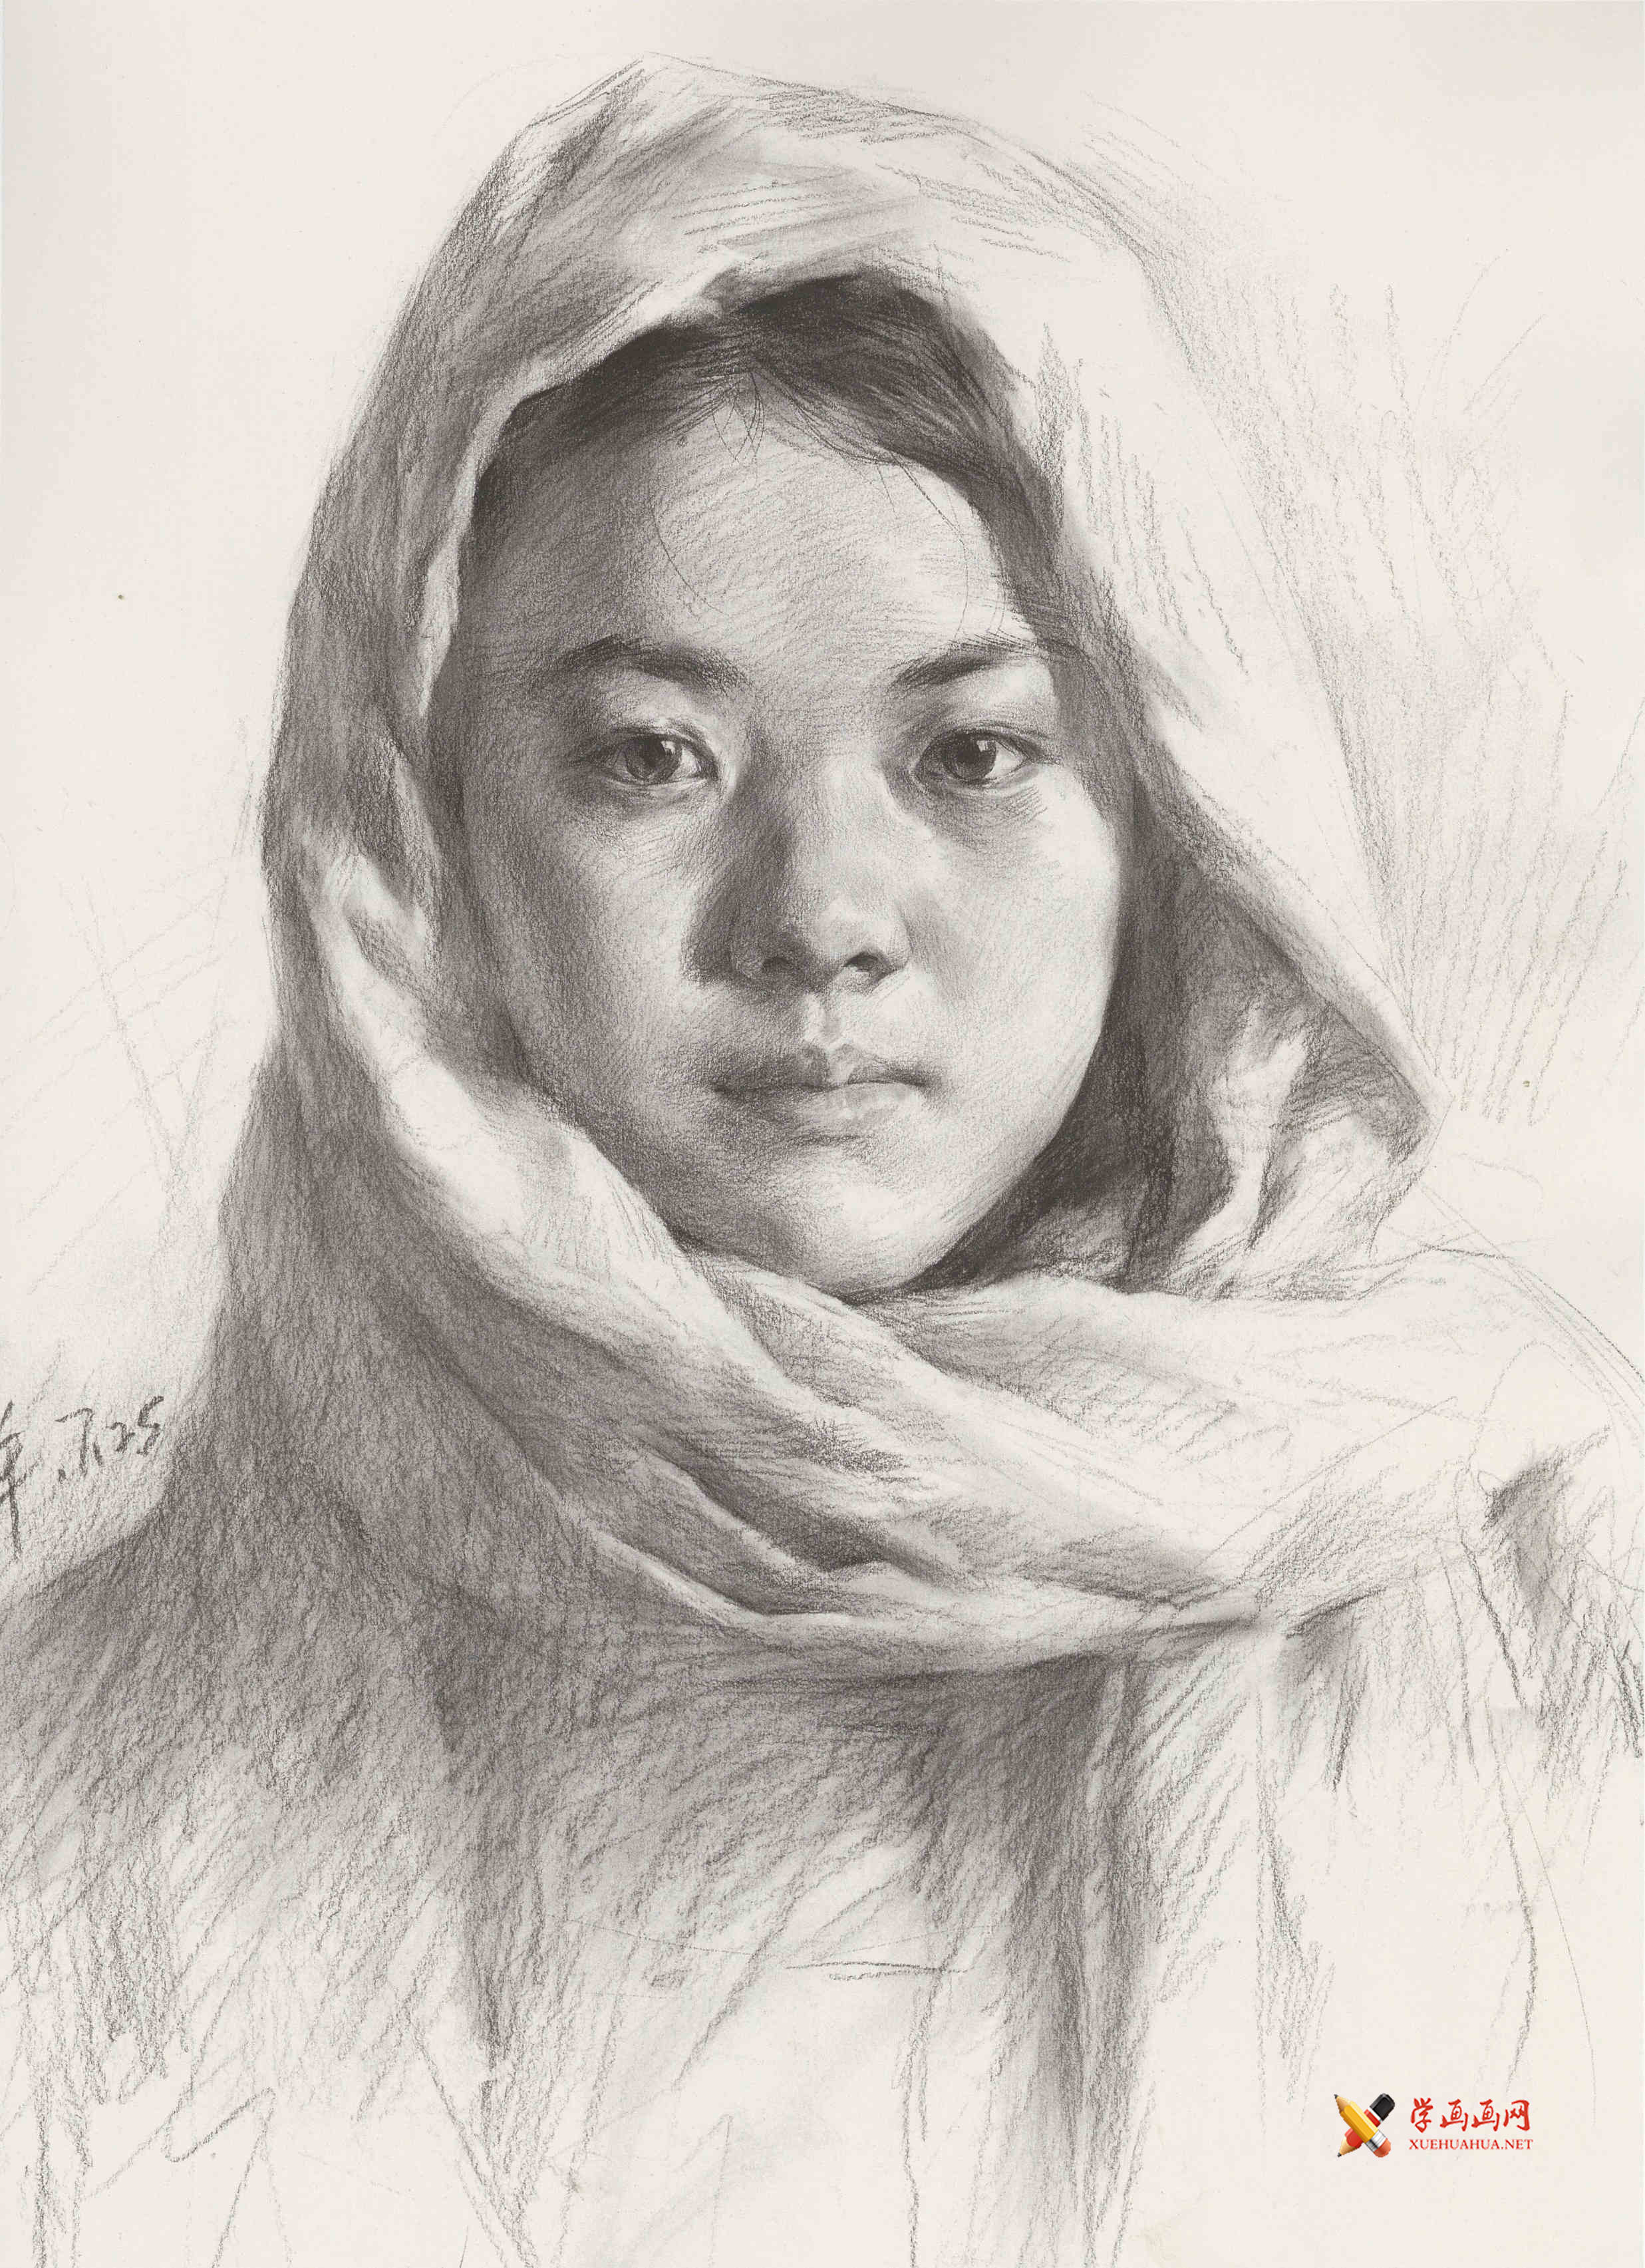 优秀素描画:包头巾的年轻女孩素描头像高清图片(1)